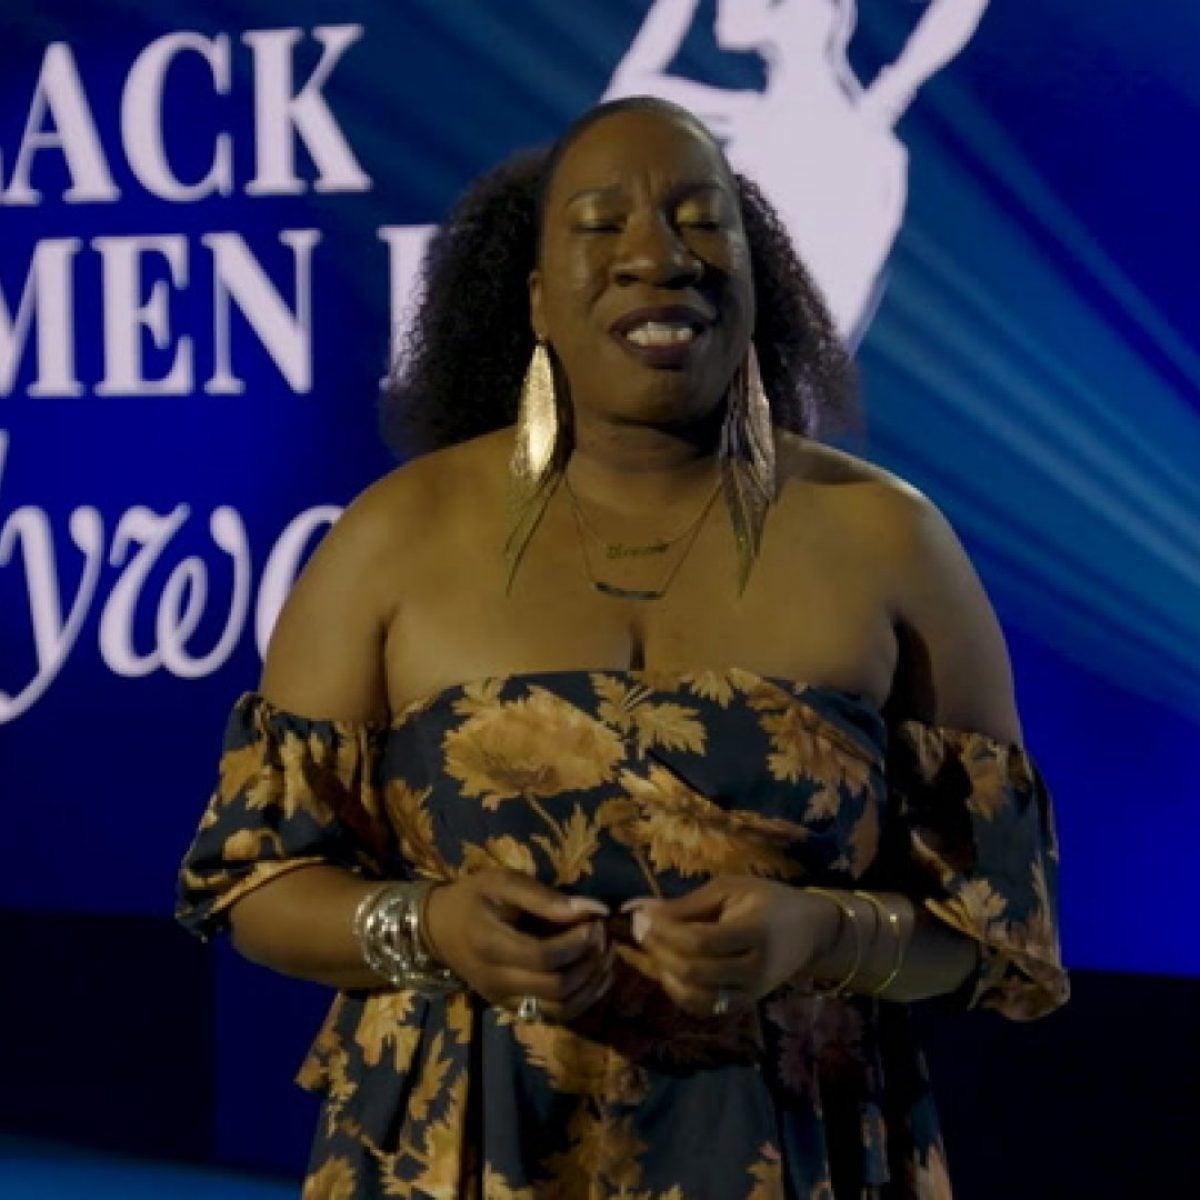 Michaela Coel's Black Women in Hollywood Speech